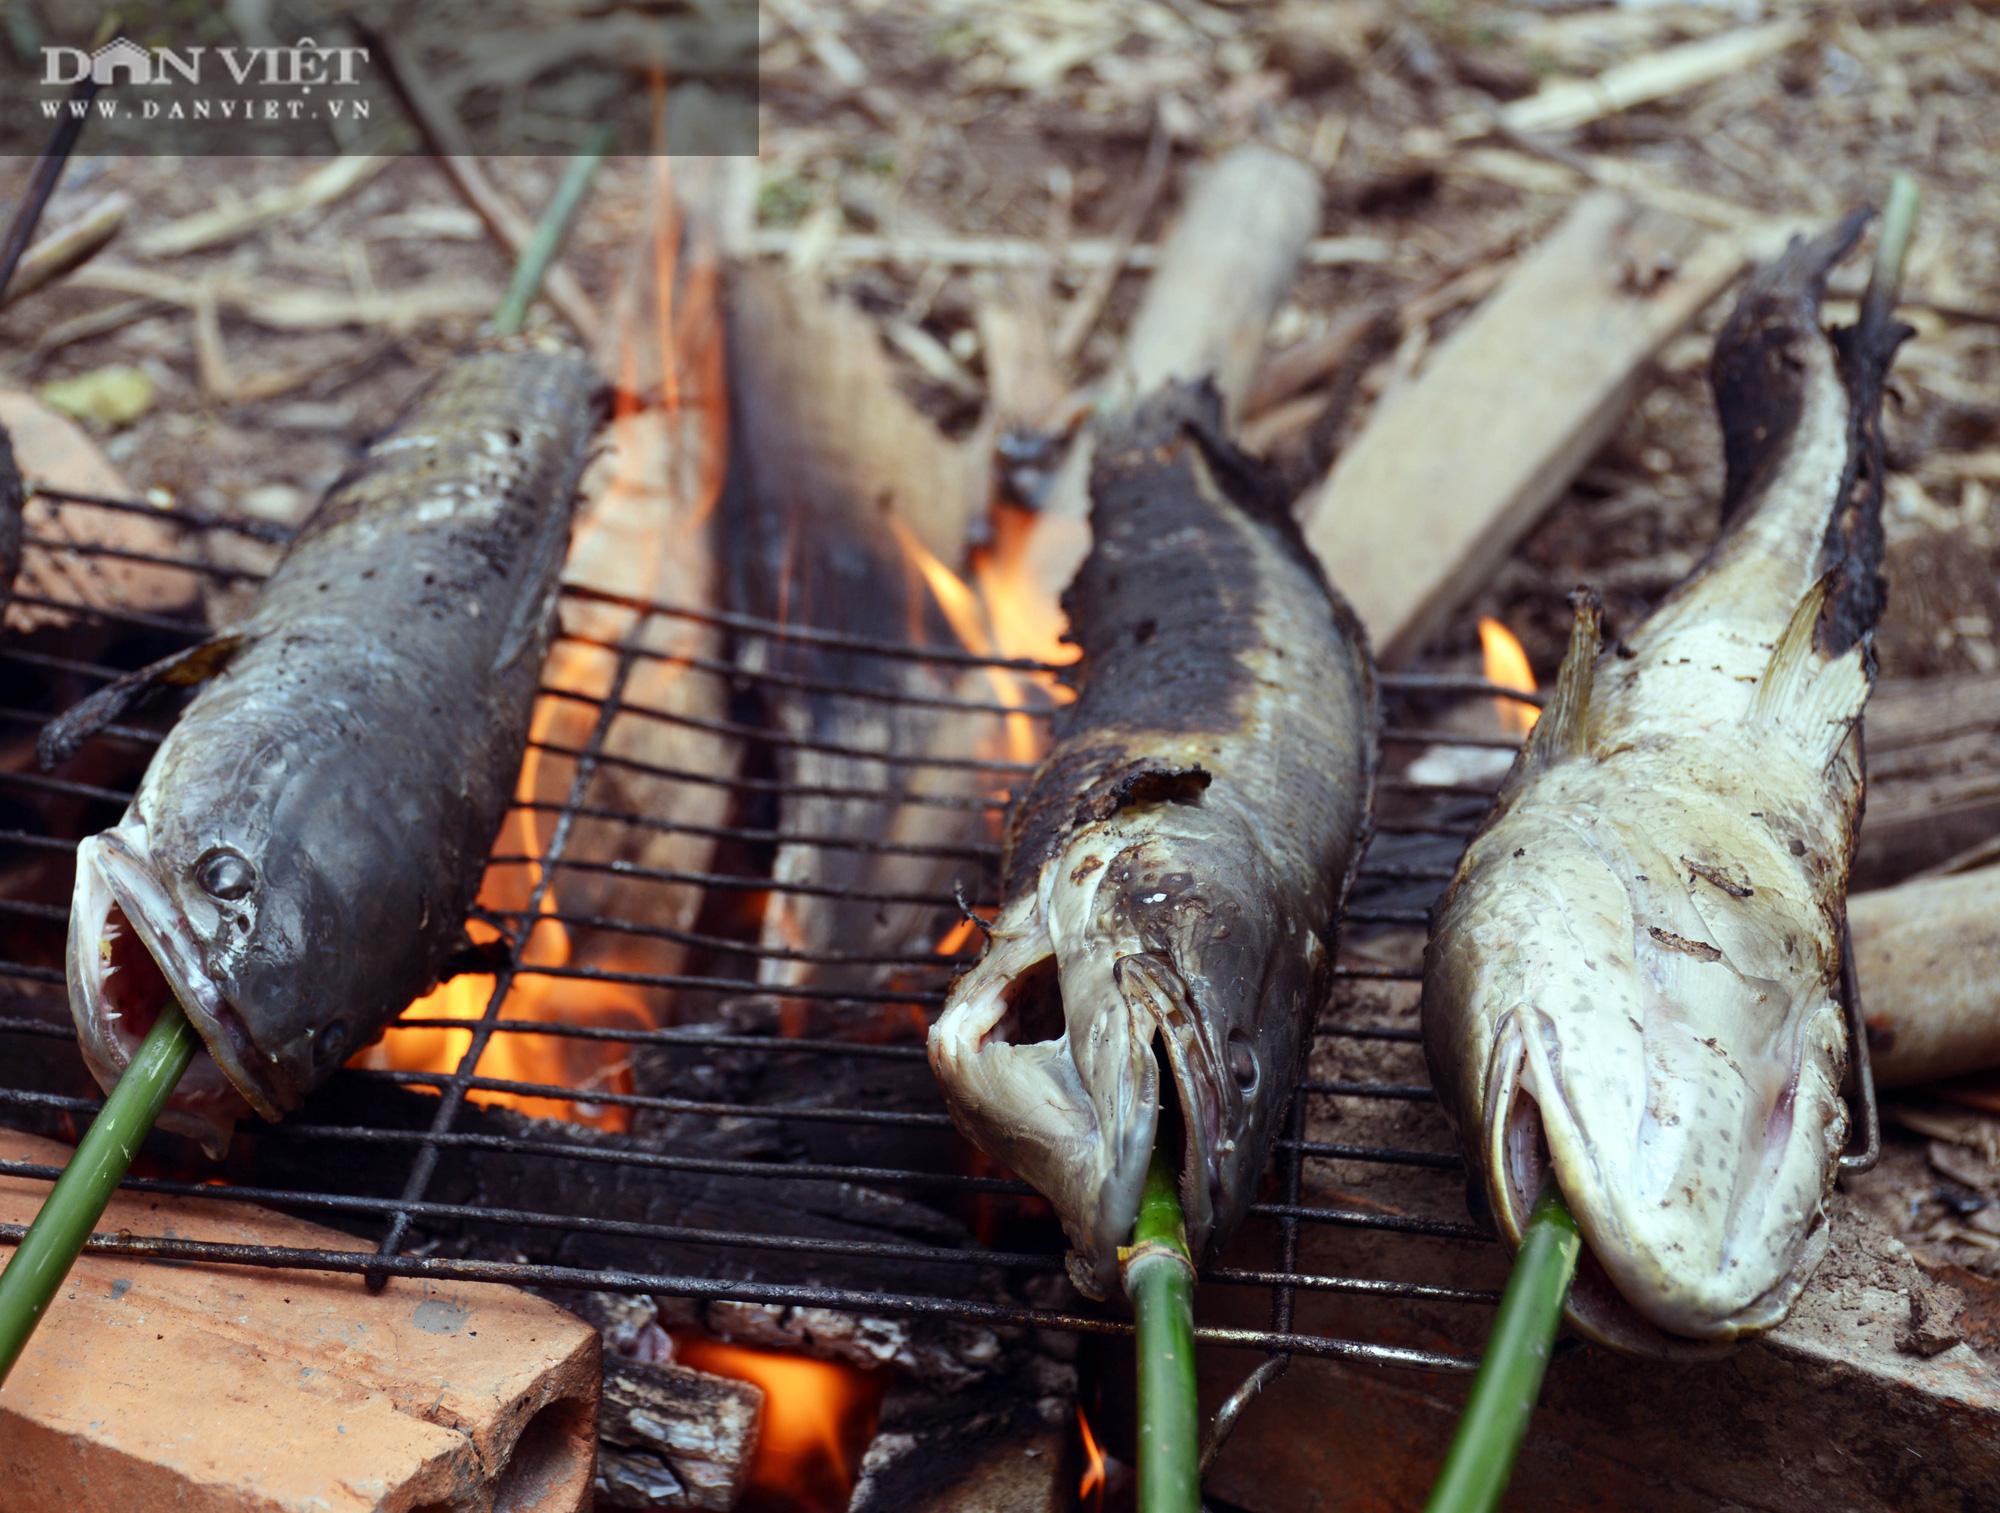 Về Cà Mau tát đìa bắt cá đồng to bự mang nướng than giữa đồng - Ảnh 20.